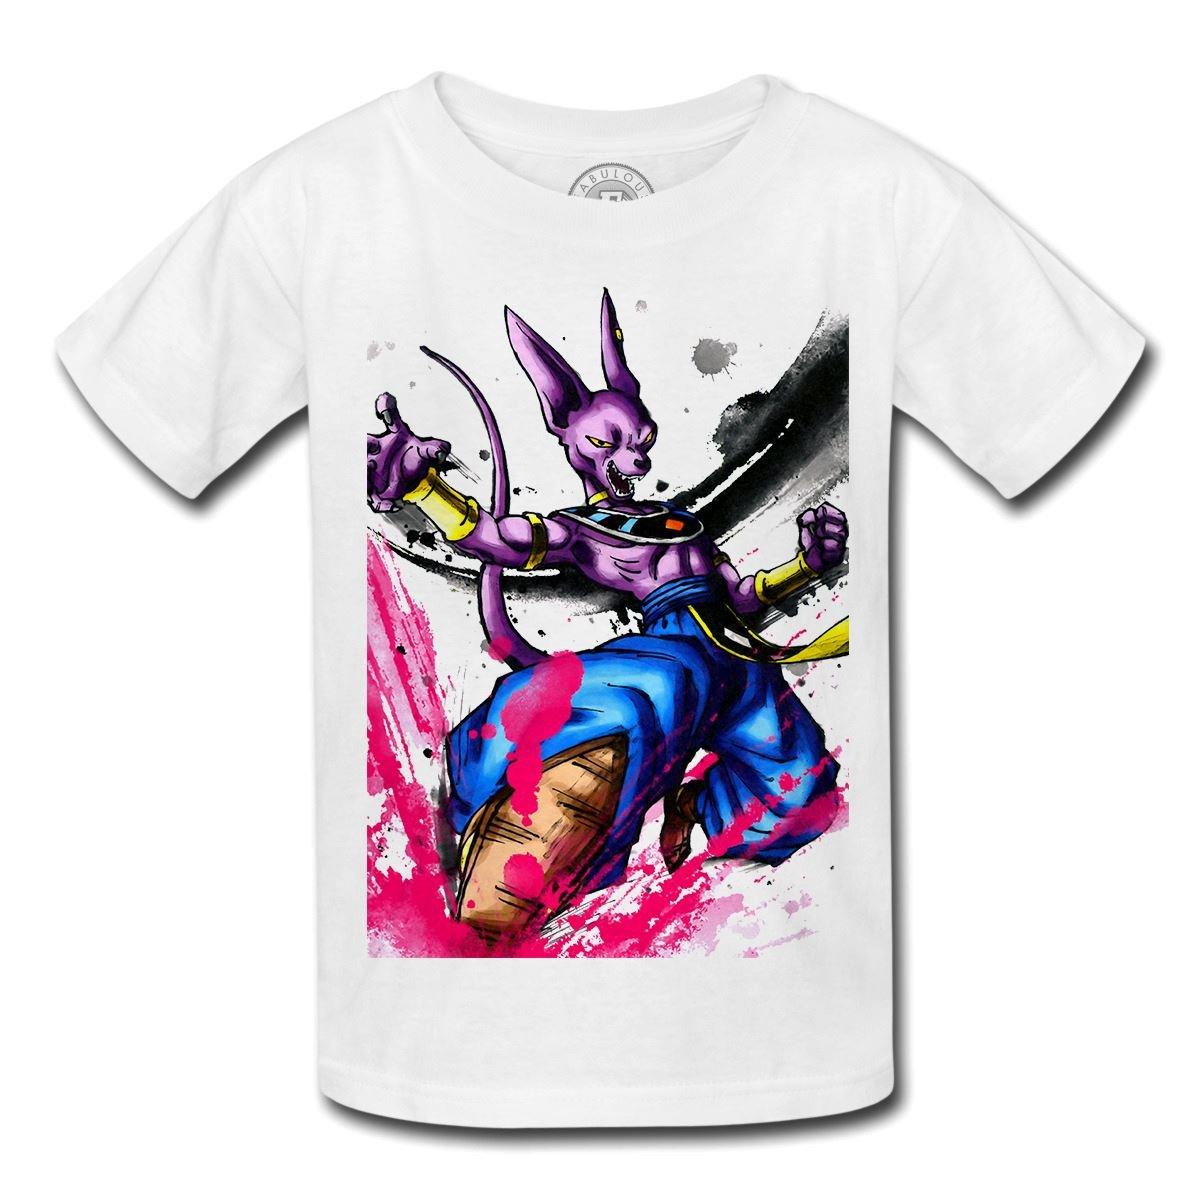 Fabulous T-Shirt enfant Beerus Dieu de la Destruction Dragon Ball Super DBZ Manga